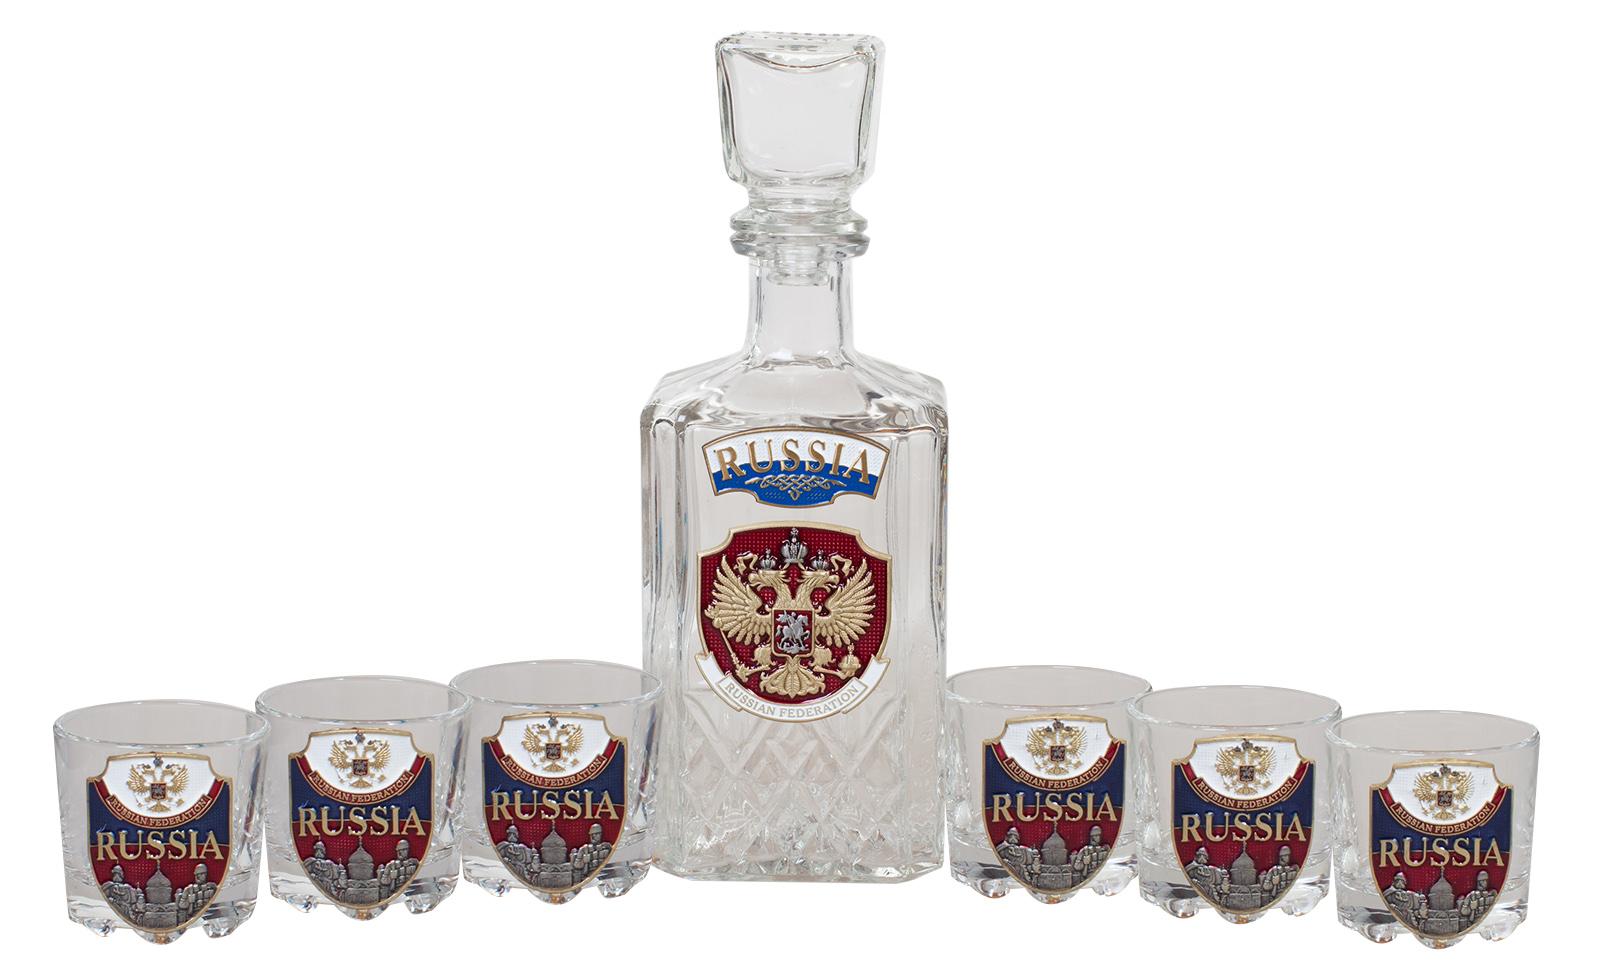 """Заказать набор для крепких напитков """"RUSSIA"""" (графин +6 стопок)"""